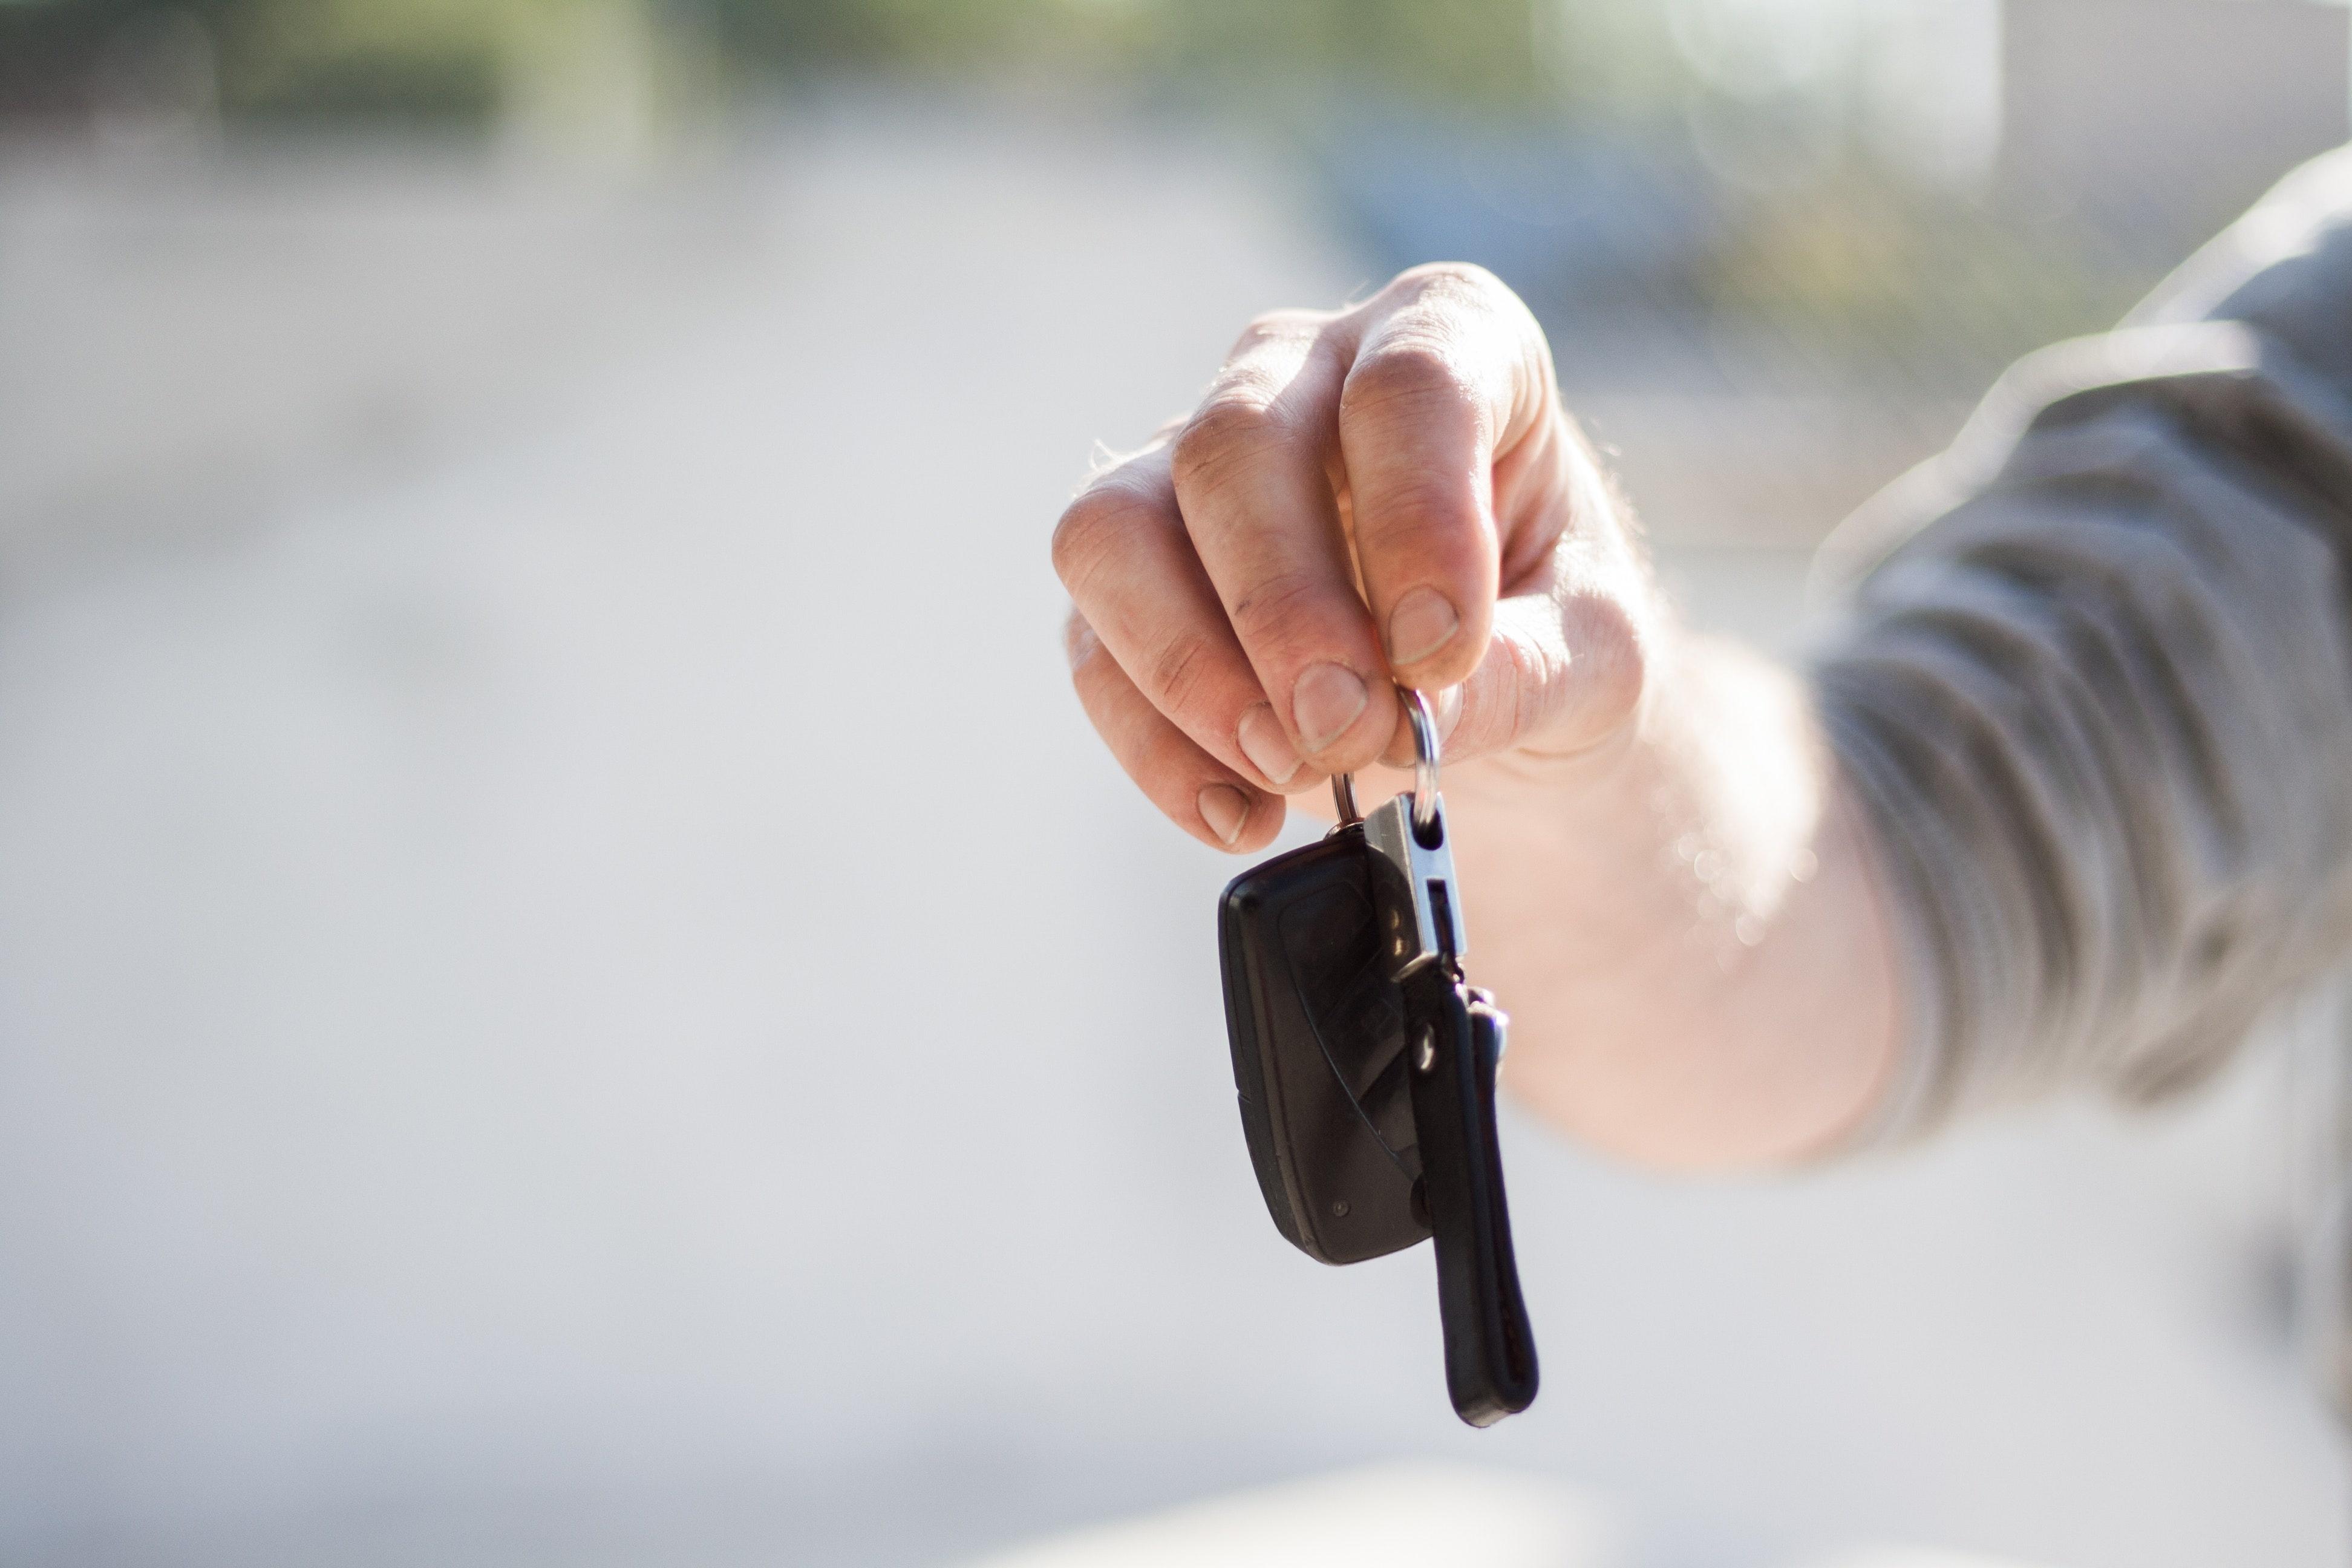 car-buying-car-key-car-purchase-97079